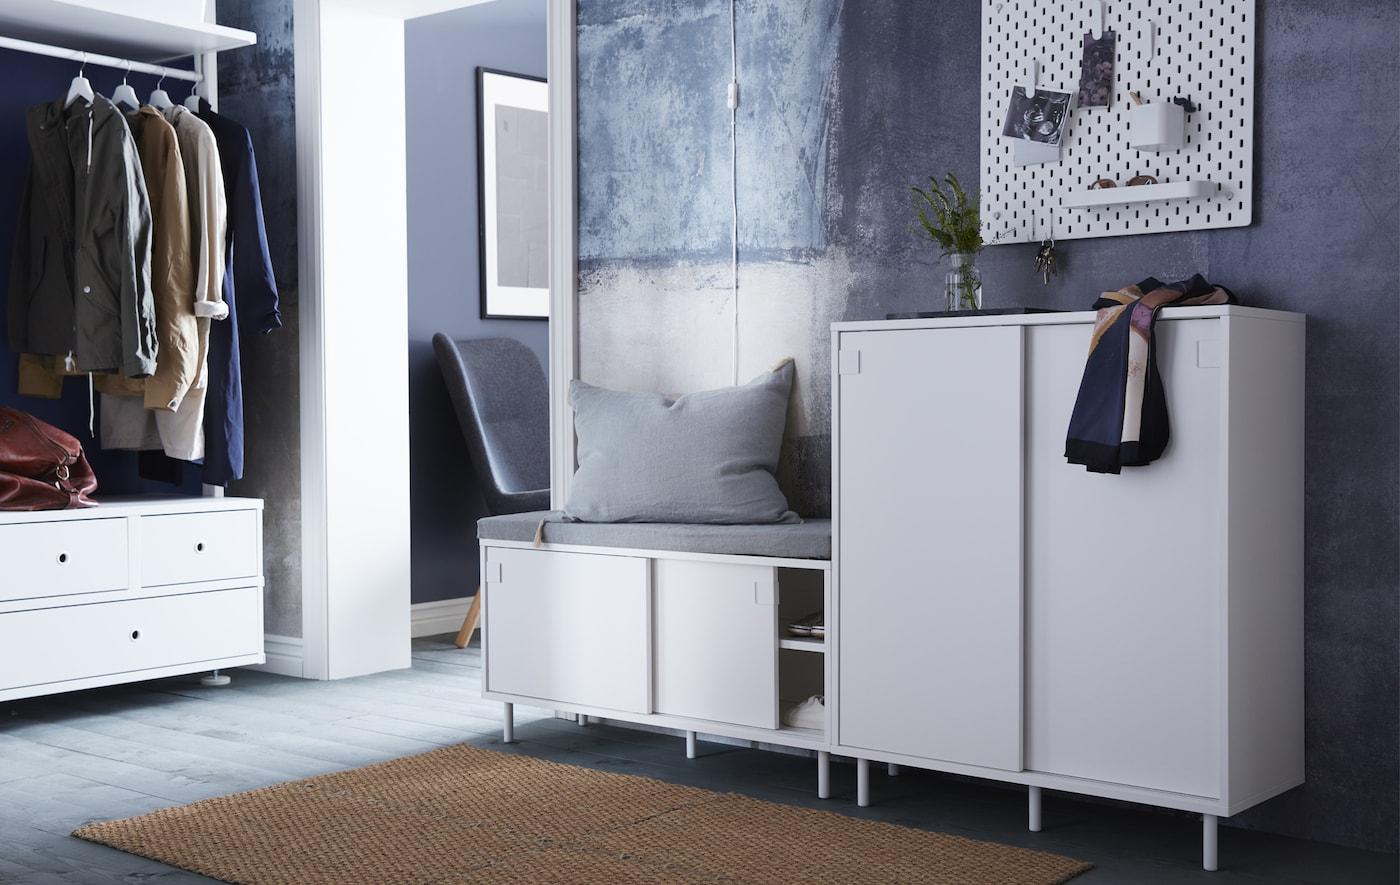 Vous recherchez des solutions de rangement intelligentes pour votre petite entrée ? IKEA propose un large assortiment de meubles pour l'entrée, comme l'armoire à chaussures MACKAPÄR garnie de rangements et dotée de portes coulissantes.